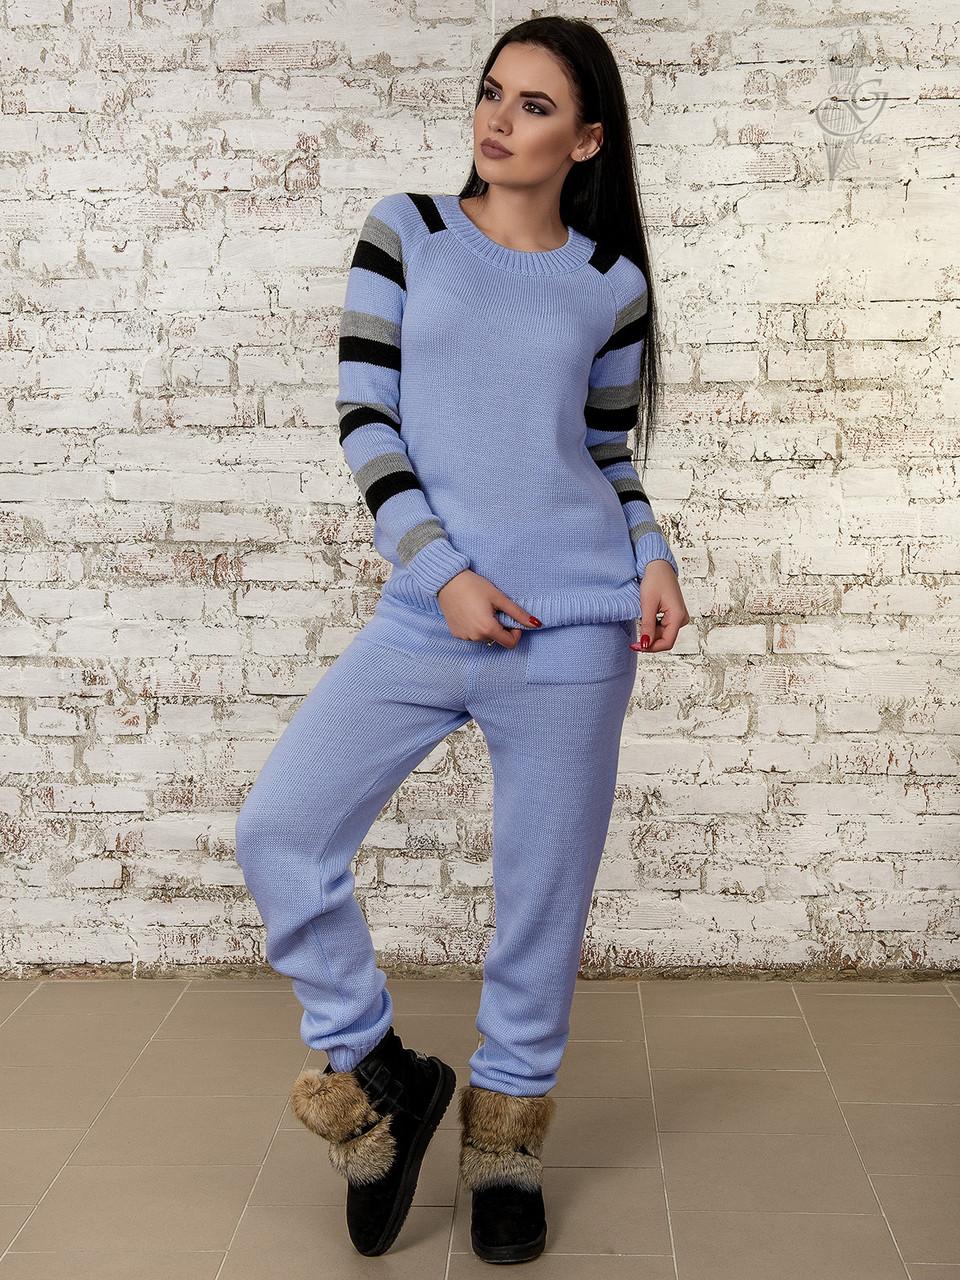 bfc4ecb9 Вязаный спортивный костюм Милана-2 - Интернет магазин женской одежды в  Харькове